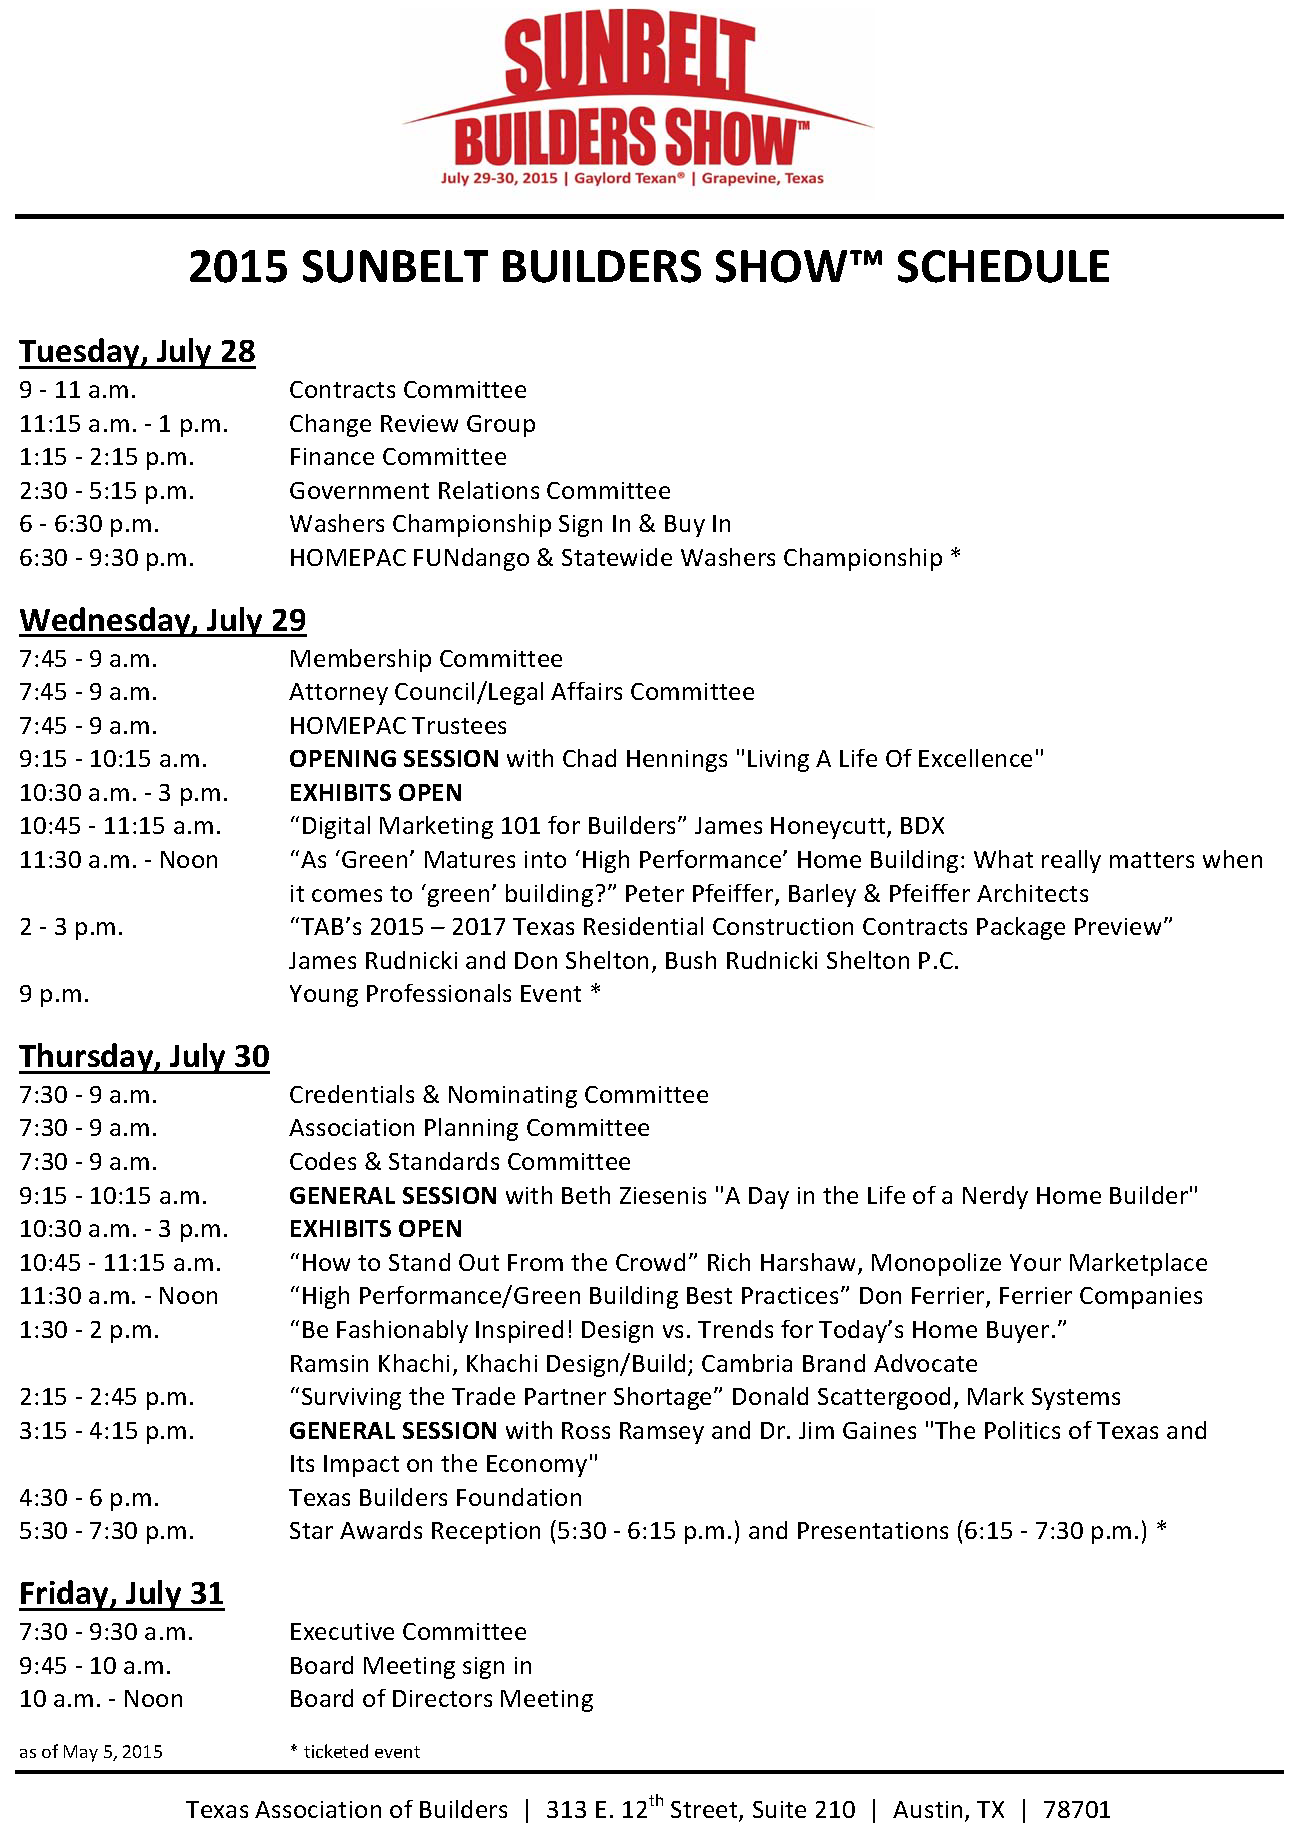 Sunbelt Builders Show Schedule_A_2015.png